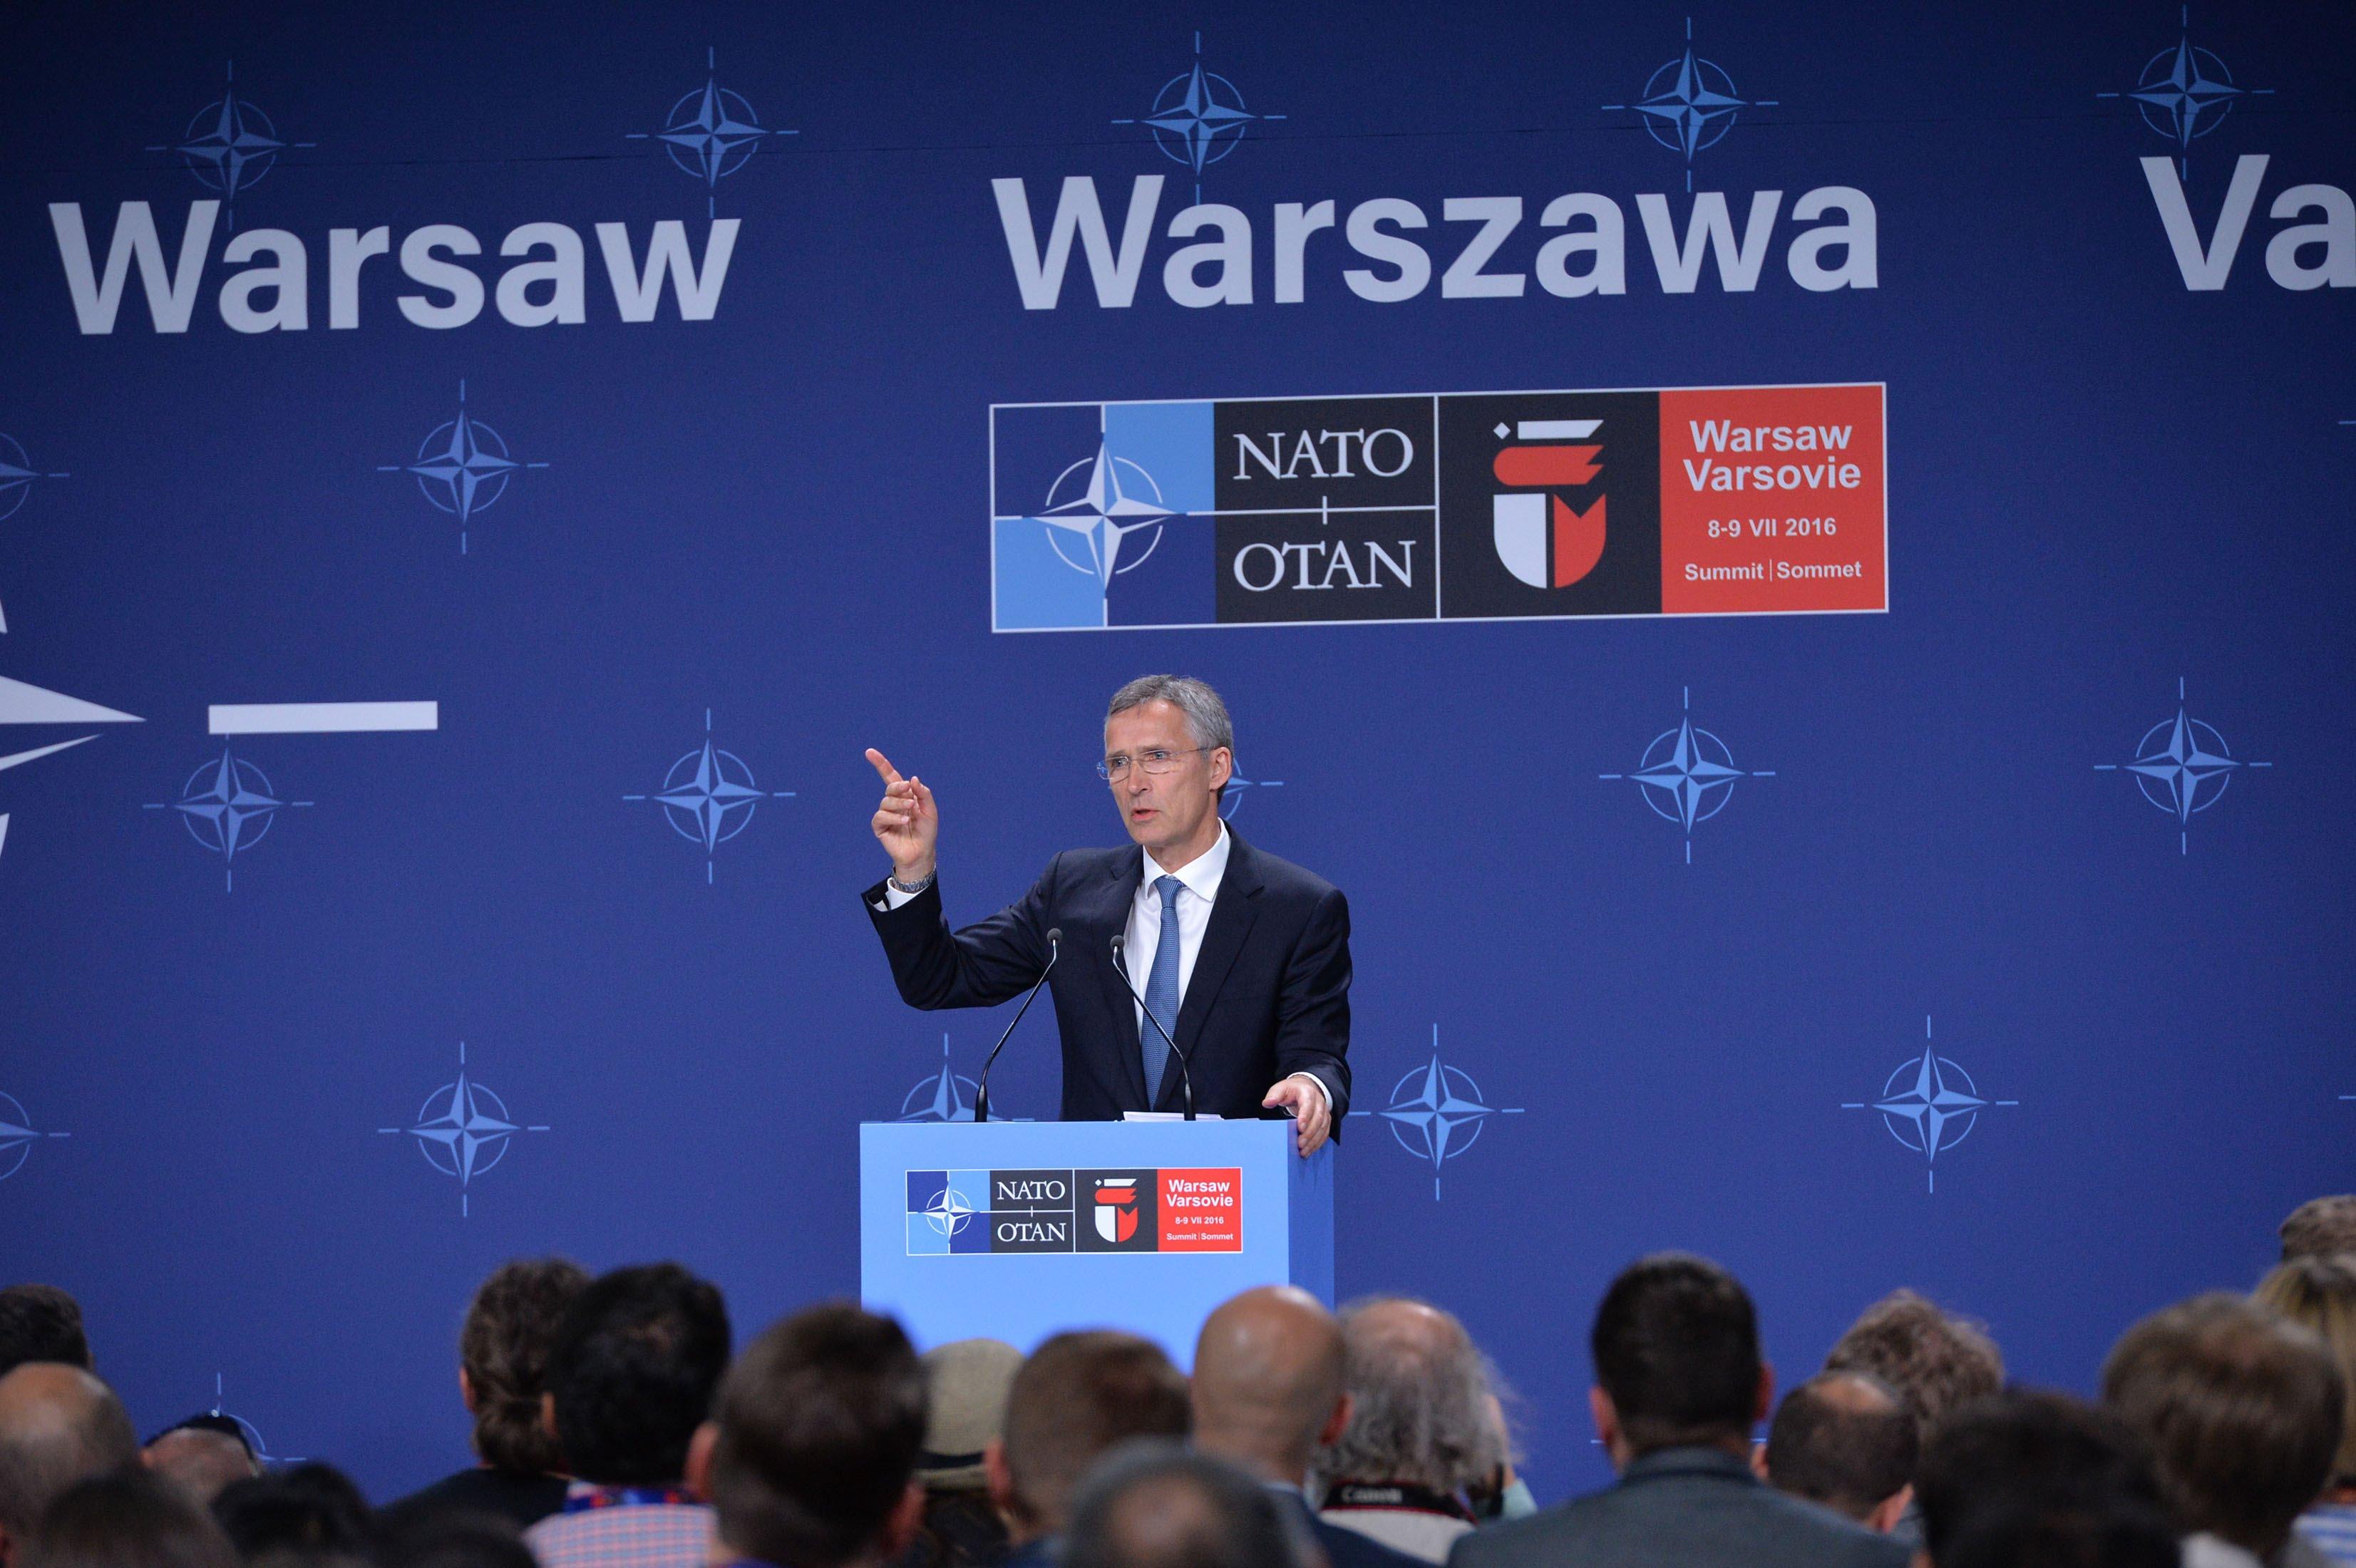 NATO Warsaw